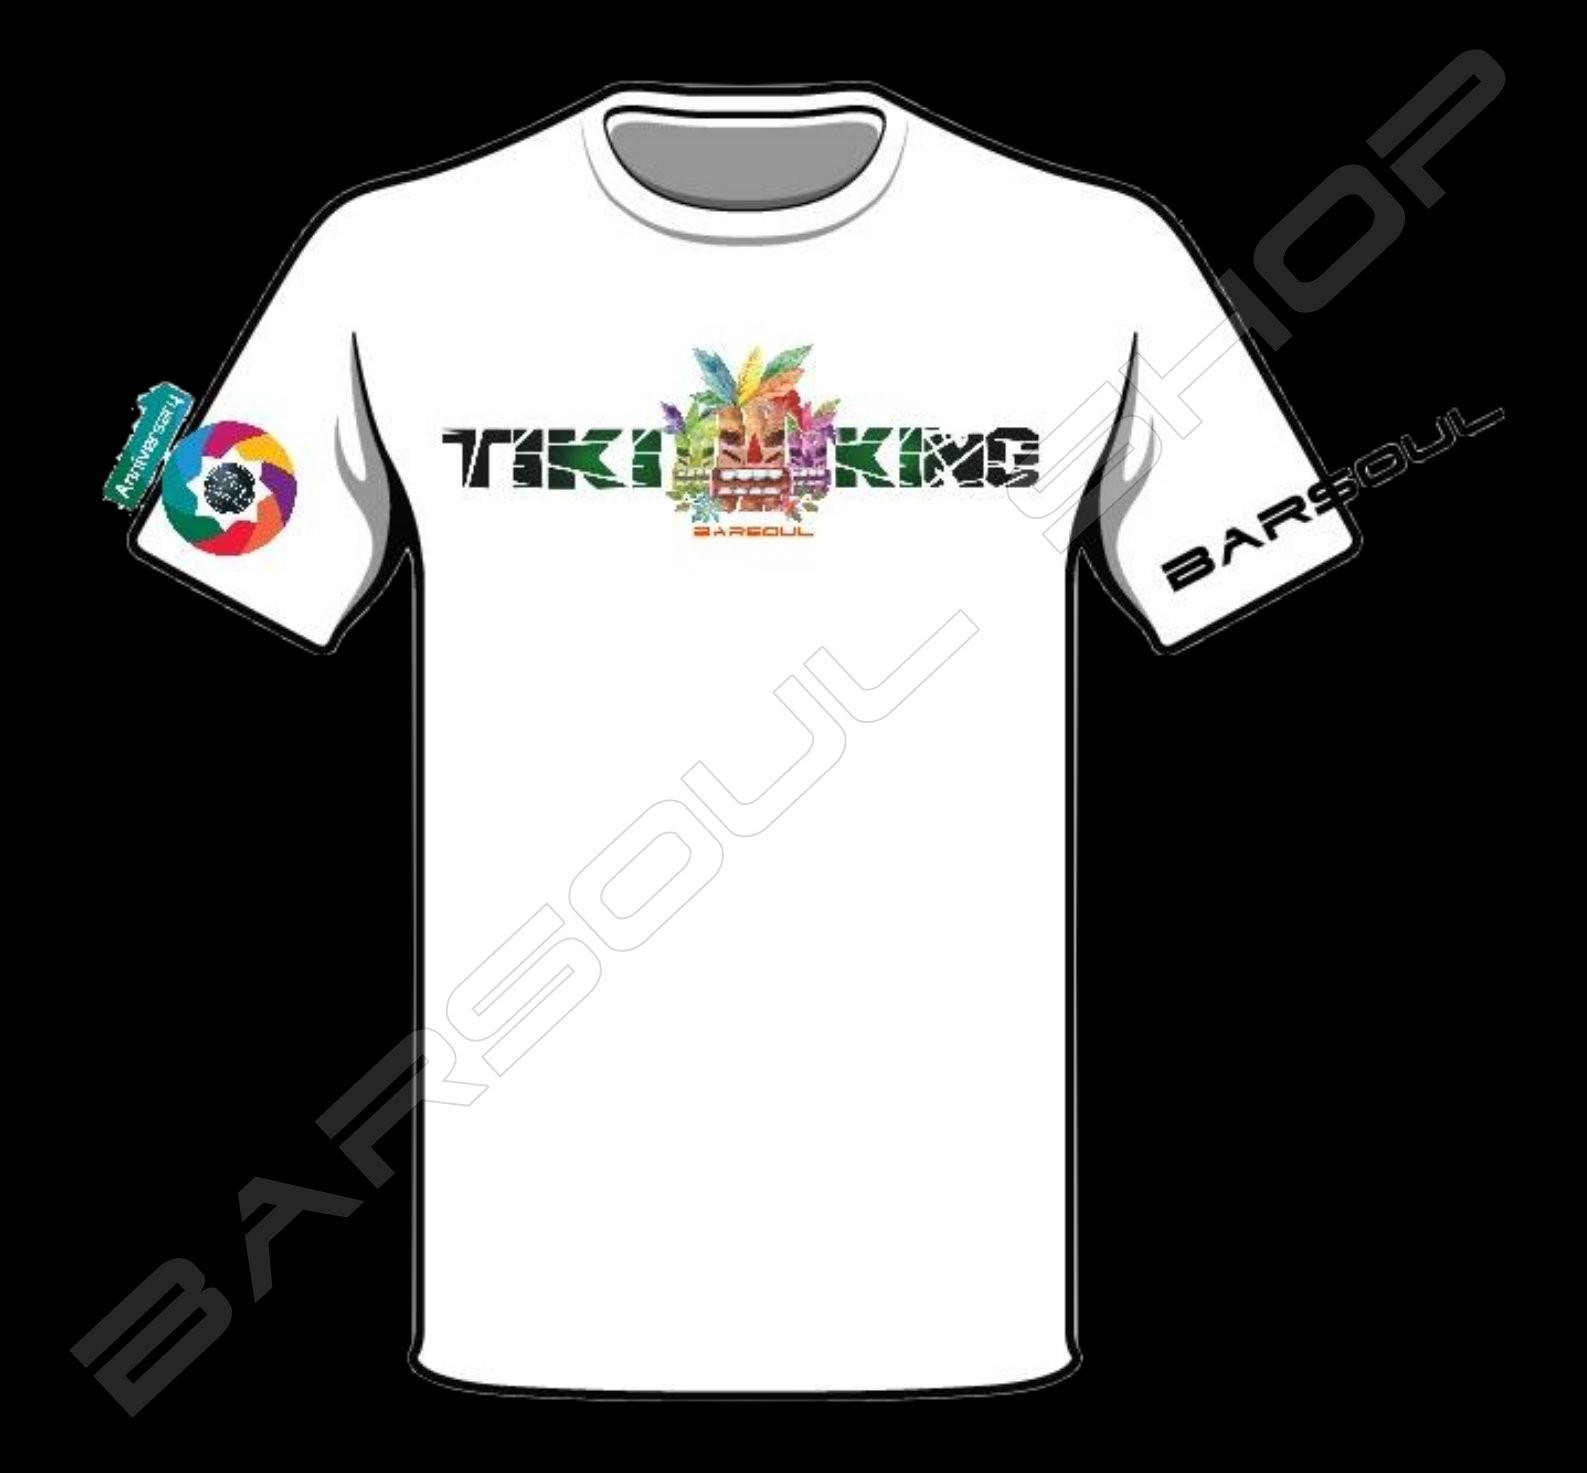 Barsoul Tiki King (Boy/XL)